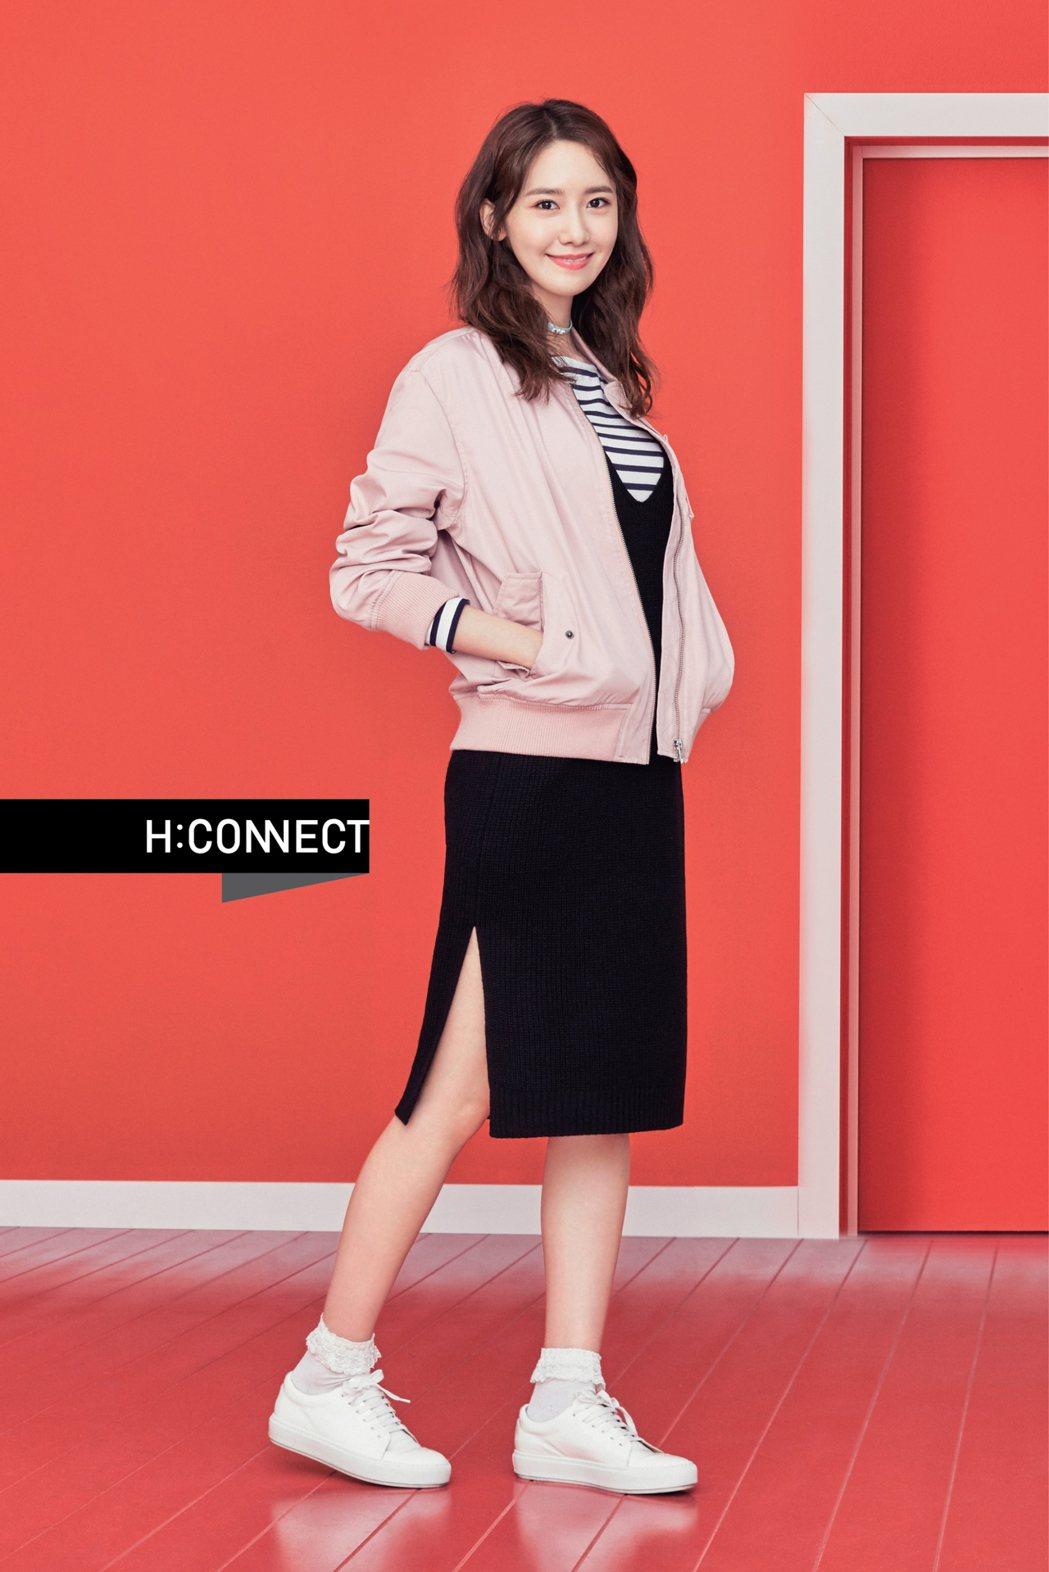 潤娥代言韓國平價服飾H:CONNECT 春裝形象照。圖/H:CONNECT 提供